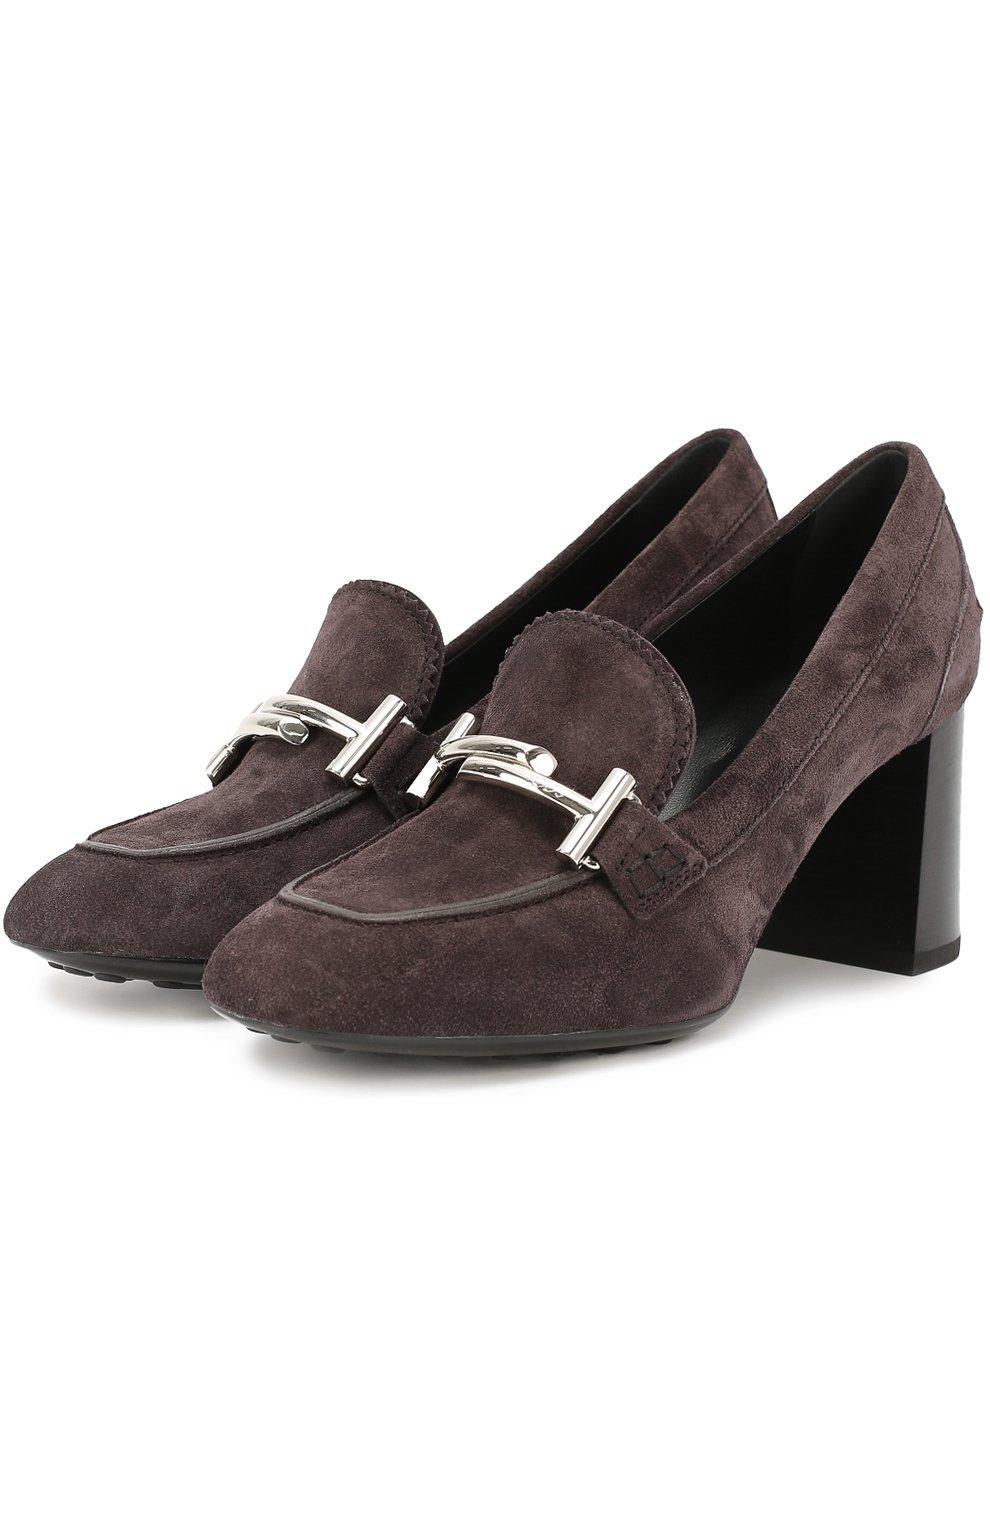 Замшевые туфли Gomma с пряжкой | Фото №1